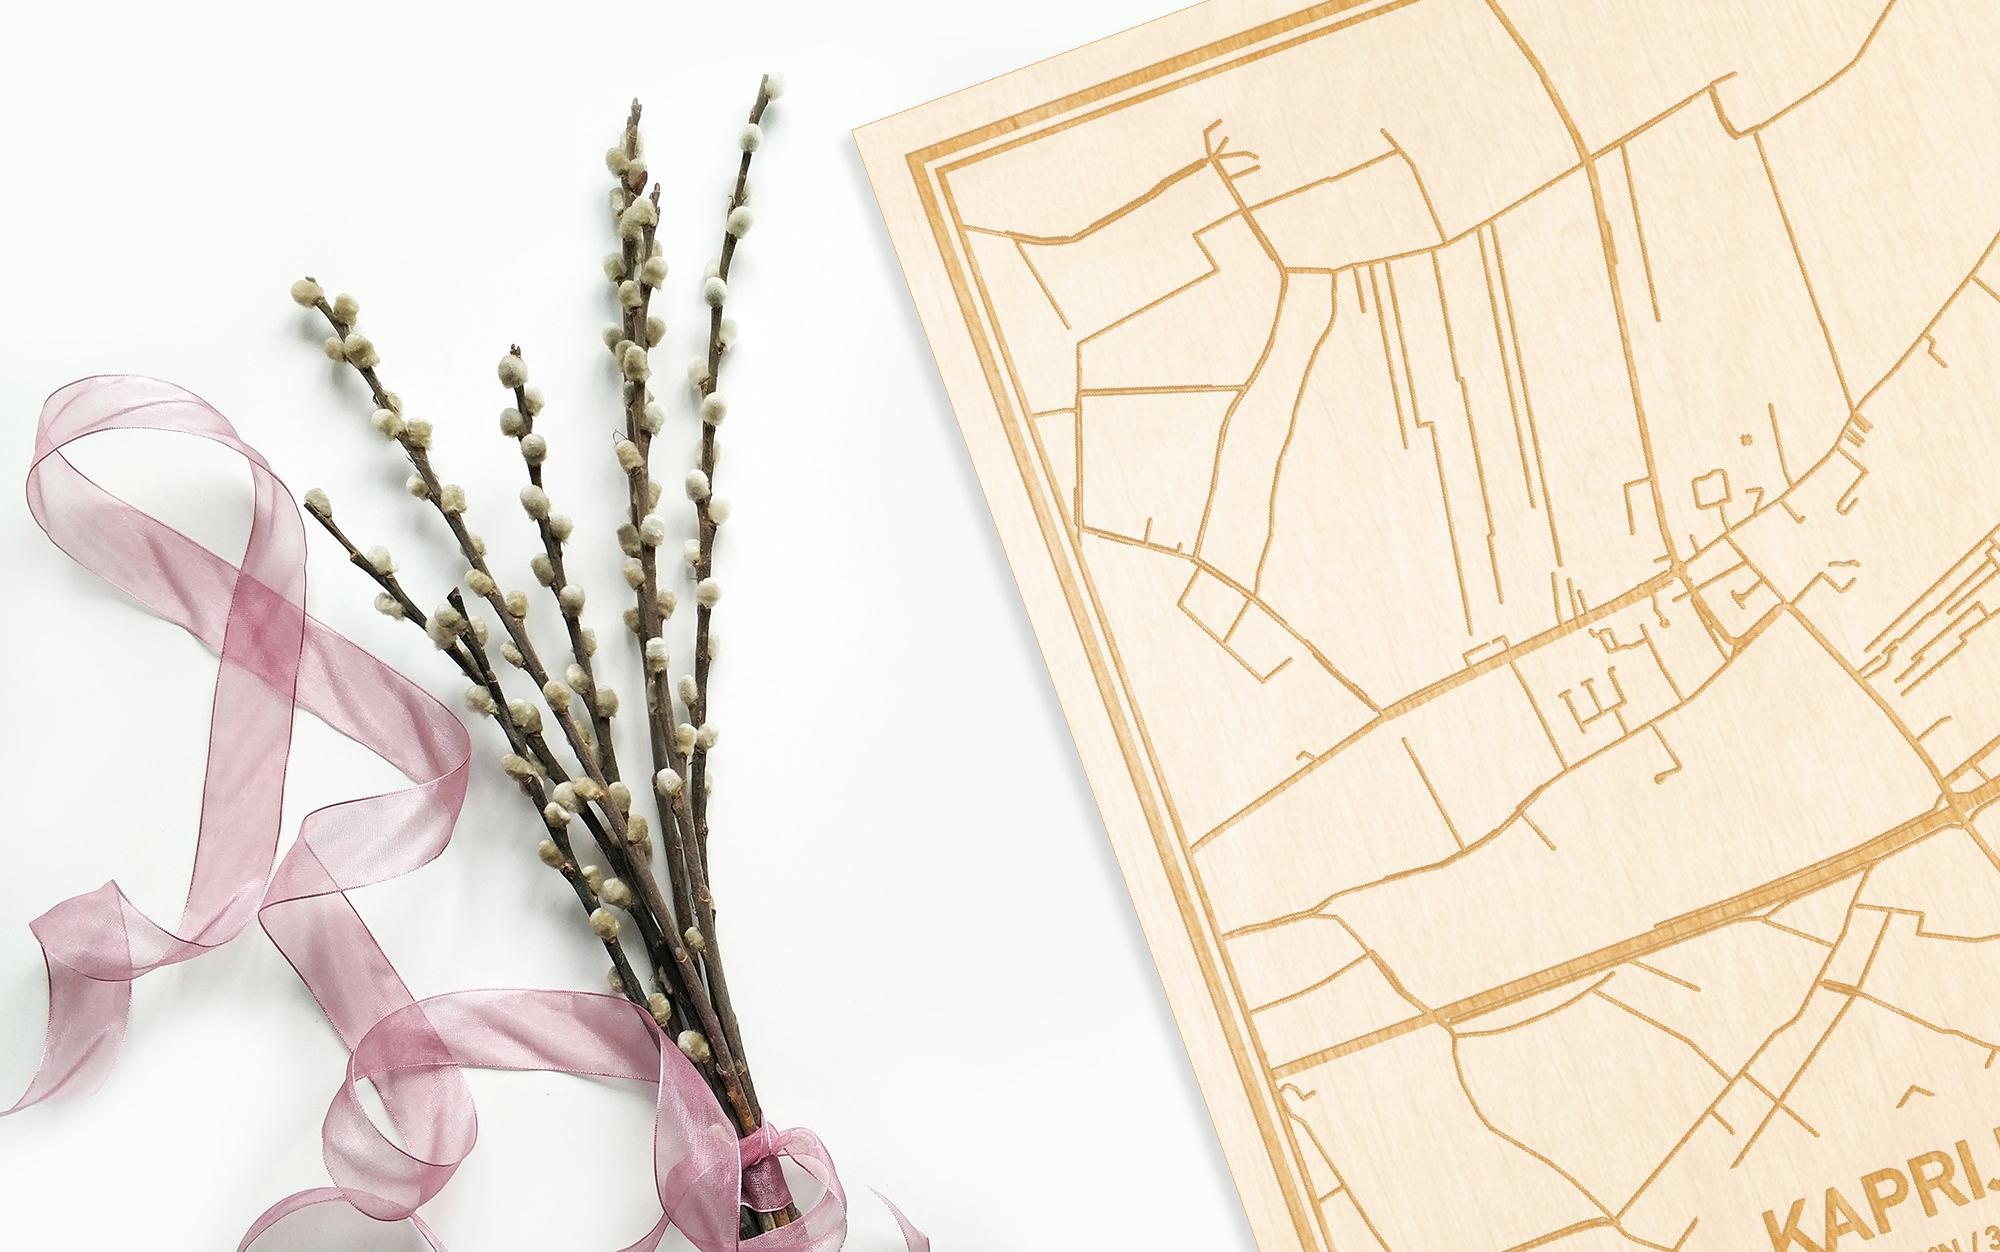 Hier ligt de houten plattegrond Kaprijke naast een bloemetje als gepersonaliseerd cadeau voor haar.